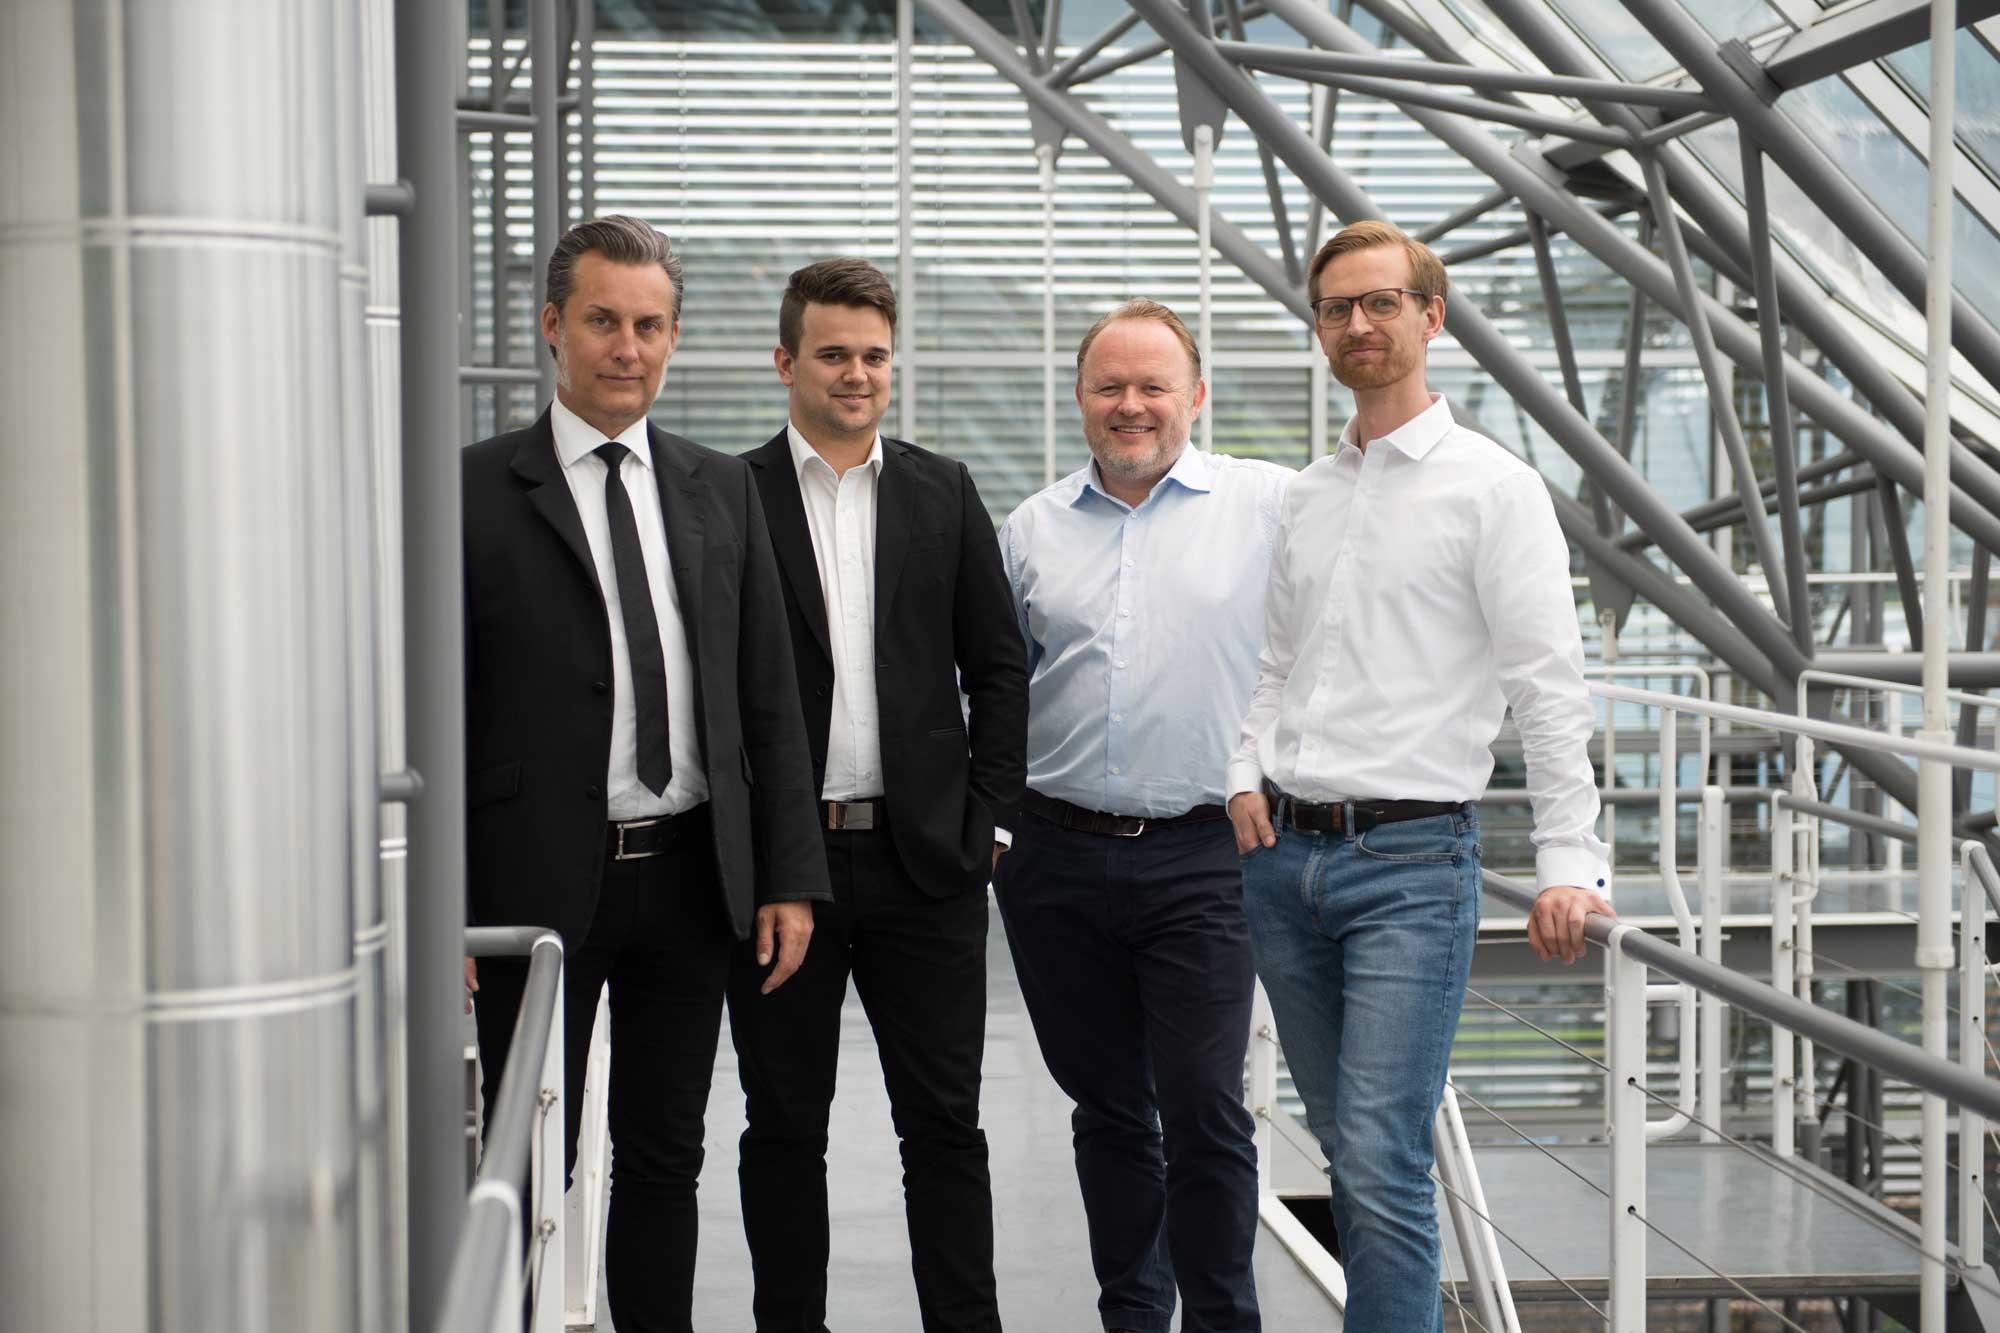 Semway kjøper reklamebyrået Børresen & Co